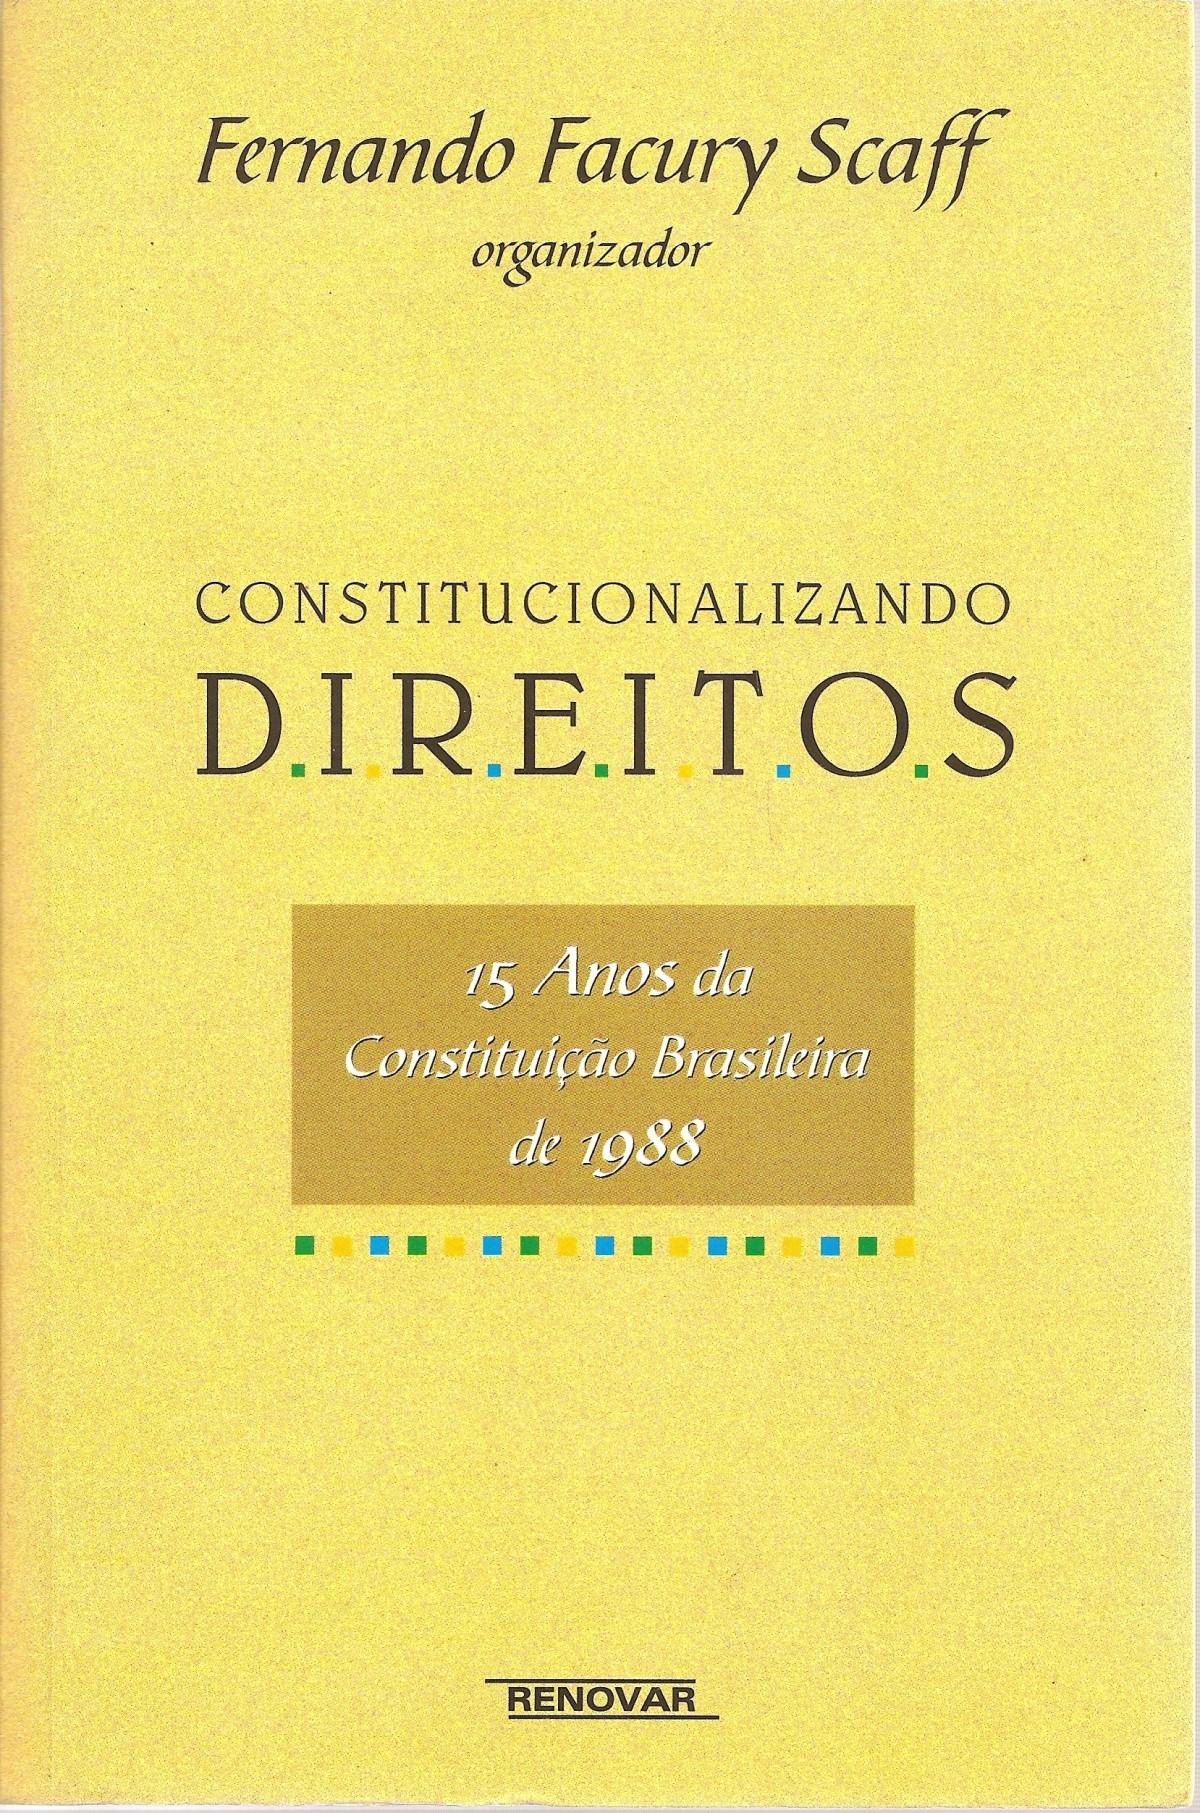 Foto 1 - Constitucionalizando Direitos - 15 Anos da Constituição Brasileira de 1988